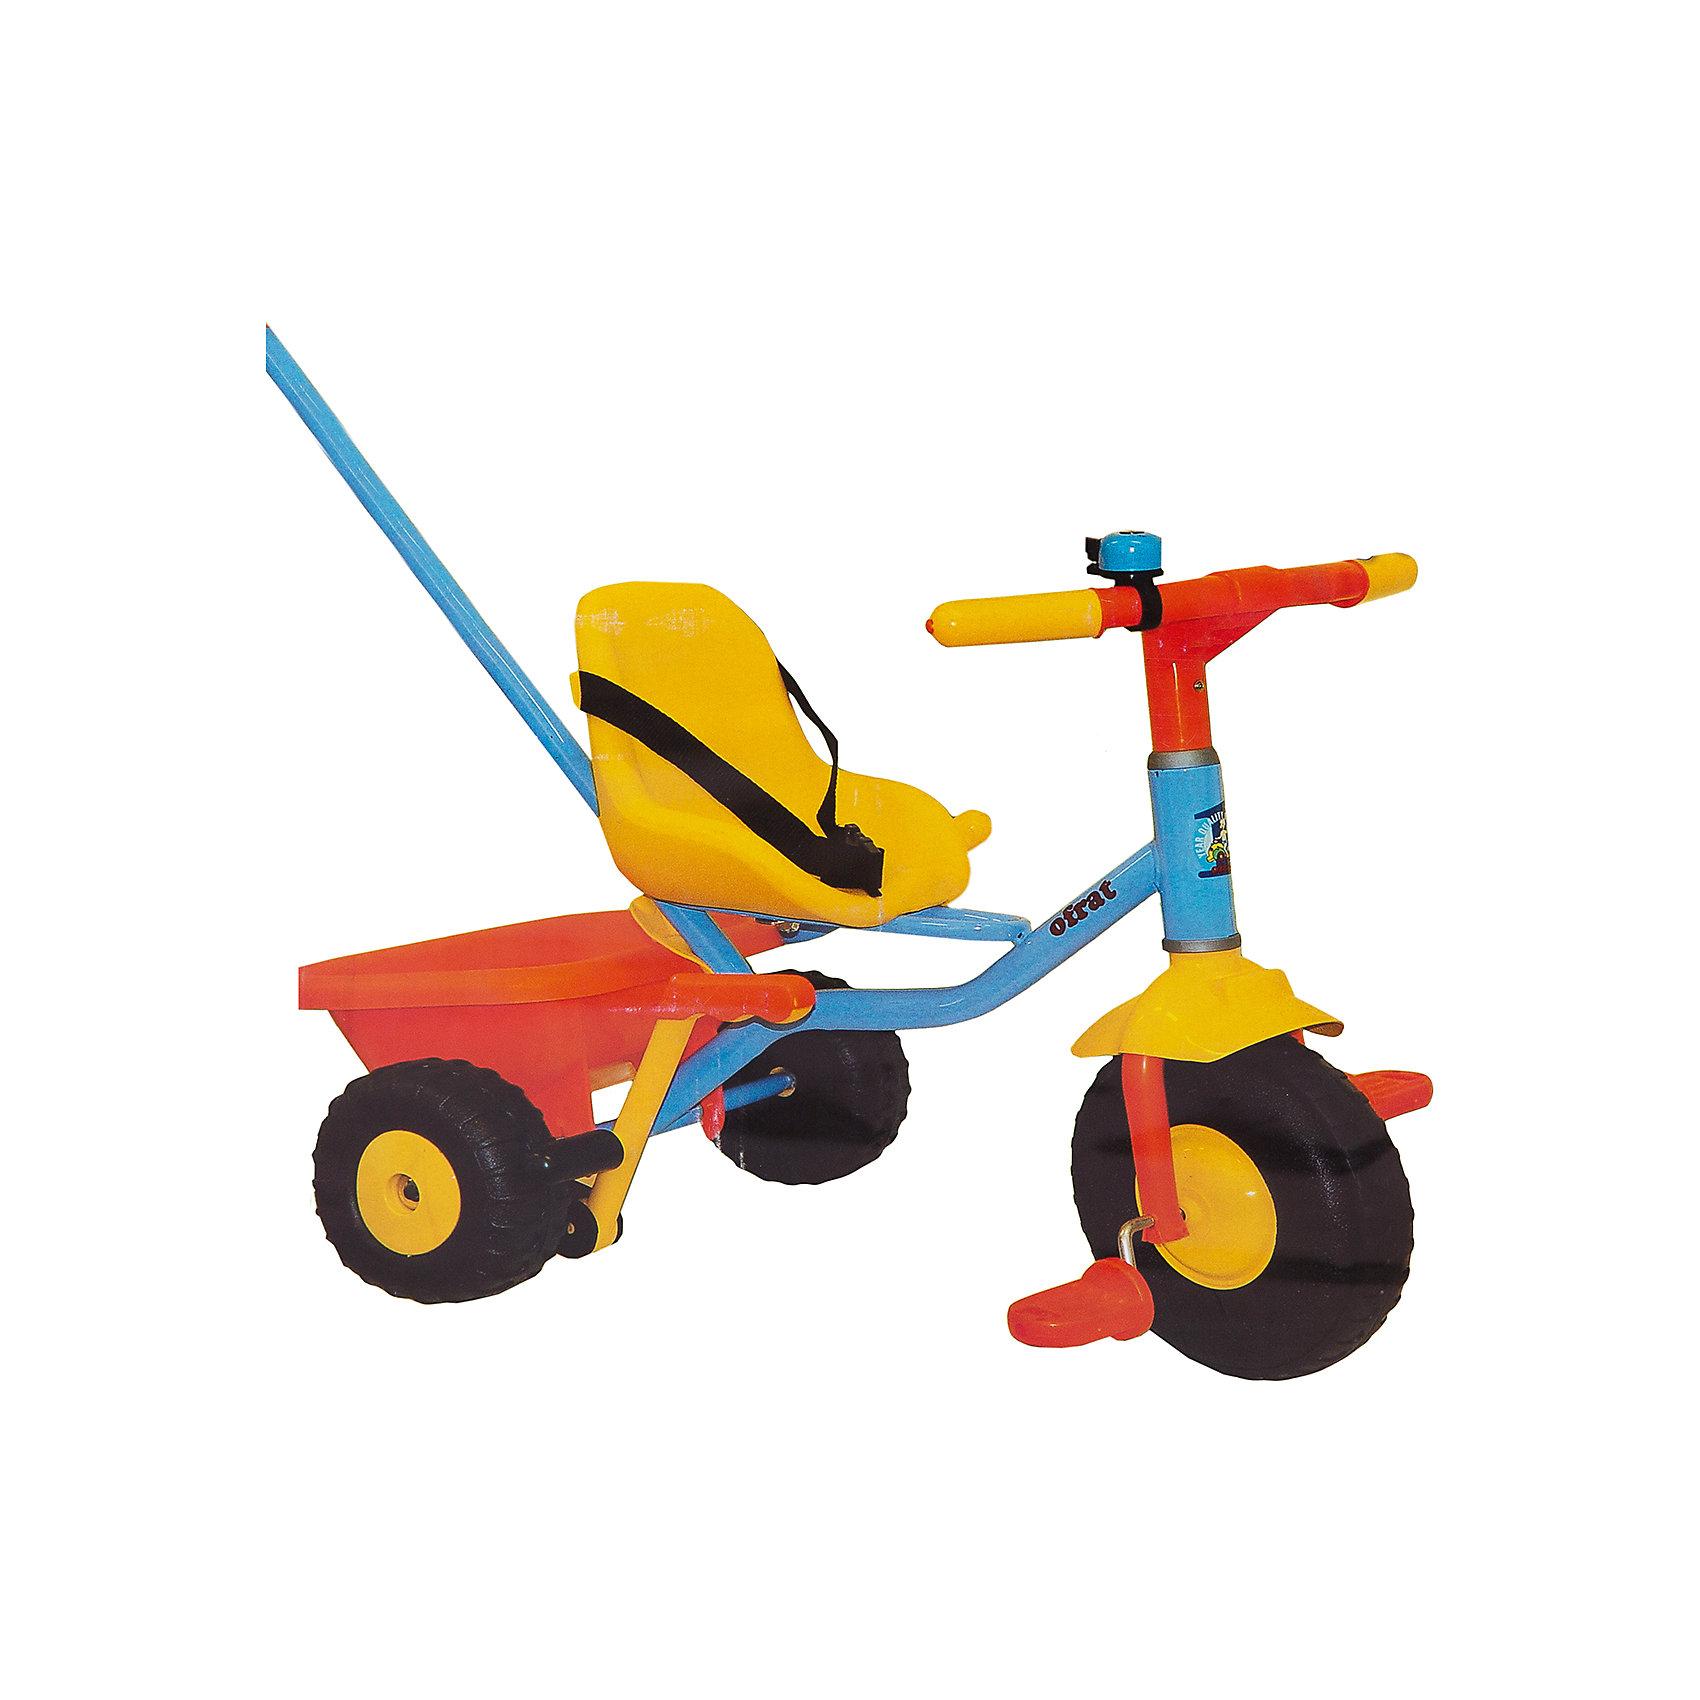 Велосипед трехколесный Junior Rider, OfratДетский 3-х колесный велосипед Junior Rider современного дизайна с широкой, устойчивой и крепкой конструкцией - прекрасный вариант для прогулок. Прочная стальная рама и детали из высококачественного пластика гарантируют устойчивость и долговечность. Велосипед имеет удобное эргономичное сиденье с ремнями безопасности и плавной регулировкой положения – ближе-дальше к рулю; рифленые пластиковые педали; устойчивые колеса; тормоз на заднем колесе и звоночек на руле. Для родителей предусмотрена регулируемая по высоте удобная металлическая ручка-толкатель с пластиковой накладкой. Модель оснащена вместительной багажной корзиной, которая откидывается как кузов самосвала. Катание на самокате стимулирует ребенка к физической активности на свежем отдыхе, помогает развить различные группы мышц и укрепить иммунитет. <br><br>Дополнительная информация:<br><br>- Материал: сталь, пластик, резина.<br>- Вес: 3,5 кг. <br>- Размер: 51х24,5х28,2 см. <br>- Высота с толкателем: 89-95 см.<br>- Для детей от 15 мес.<br>- Удобное сиденье.<br>- Ремень безопасности.<br>- Ручка-толкатель для родителей регулируется по высоте (4 положения). <br>- Рифленые пластиковые педали.<br>- Откидывающаяся корзина для игрушек. <br>- Широкая резиновая накладка на переднем колесе. <br>- Ручной тормоз на заднее колесо.<br>- Звоночек на руле.<br><br>Велосипед трехколесный Teeny Trike, Ofrat, можно купить в нашем магазине.<br><br>Ширина мм: 280<br>Глубина мм: 250<br>Высота мм: 510<br>Вес г: 4200<br>Возраст от месяцев: 15<br>Возраст до месяцев: 36<br>Пол: Унисекс<br>Возраст: Детский<br>SKU: 4633671